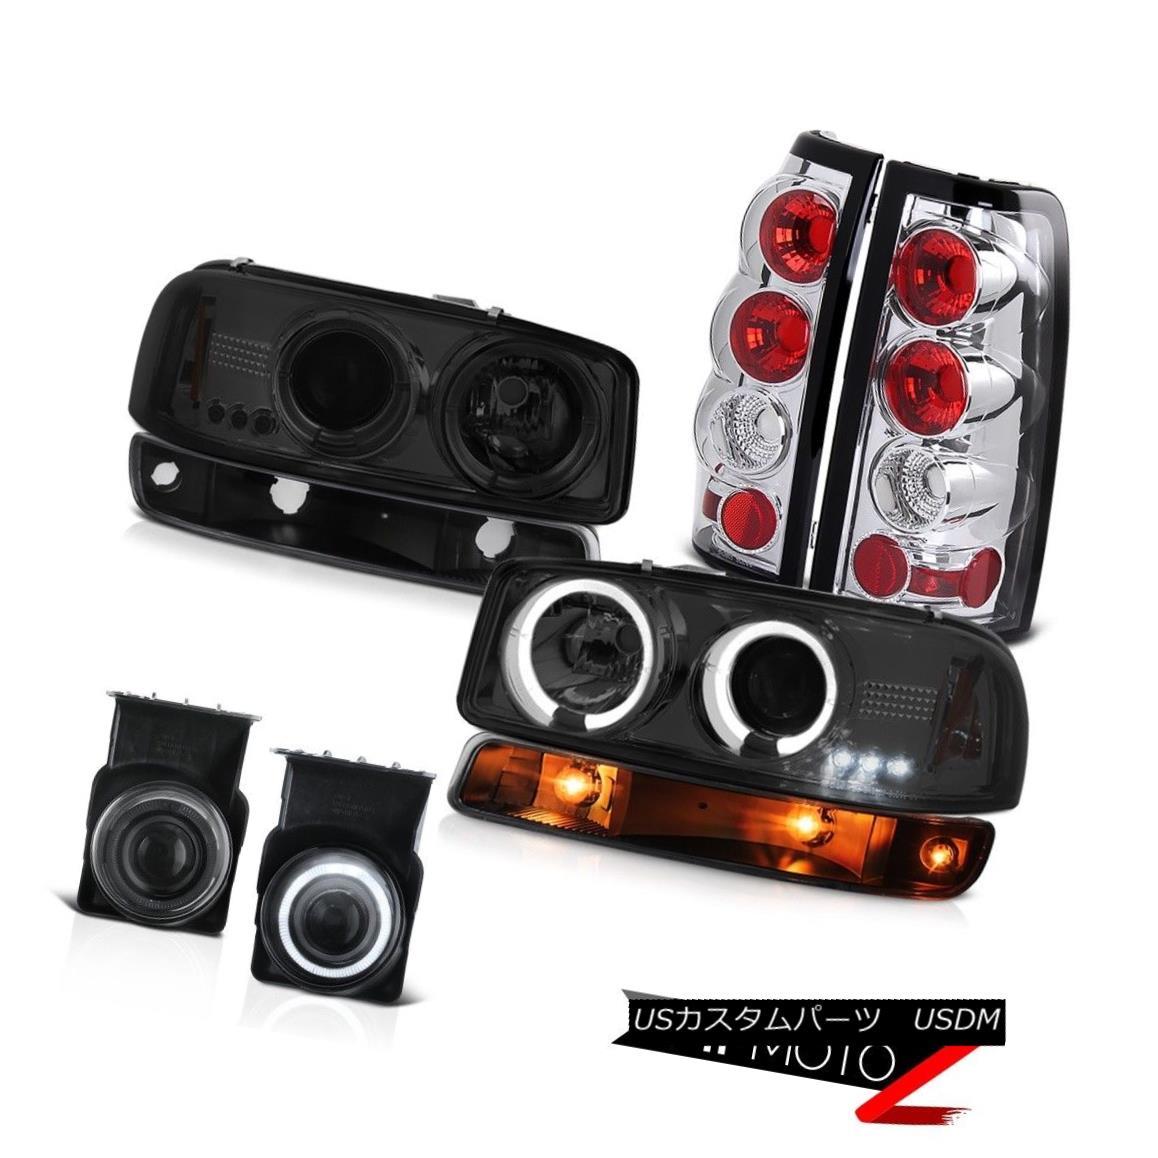 ヘッドライト 2003-2006 Sierra 6.0L Smoked fog lamps tail inky black turn signal Headlights 2003-2006シエラ6.0Lスモークフォグランプテールインキブラックターンシグナルヘッドライト